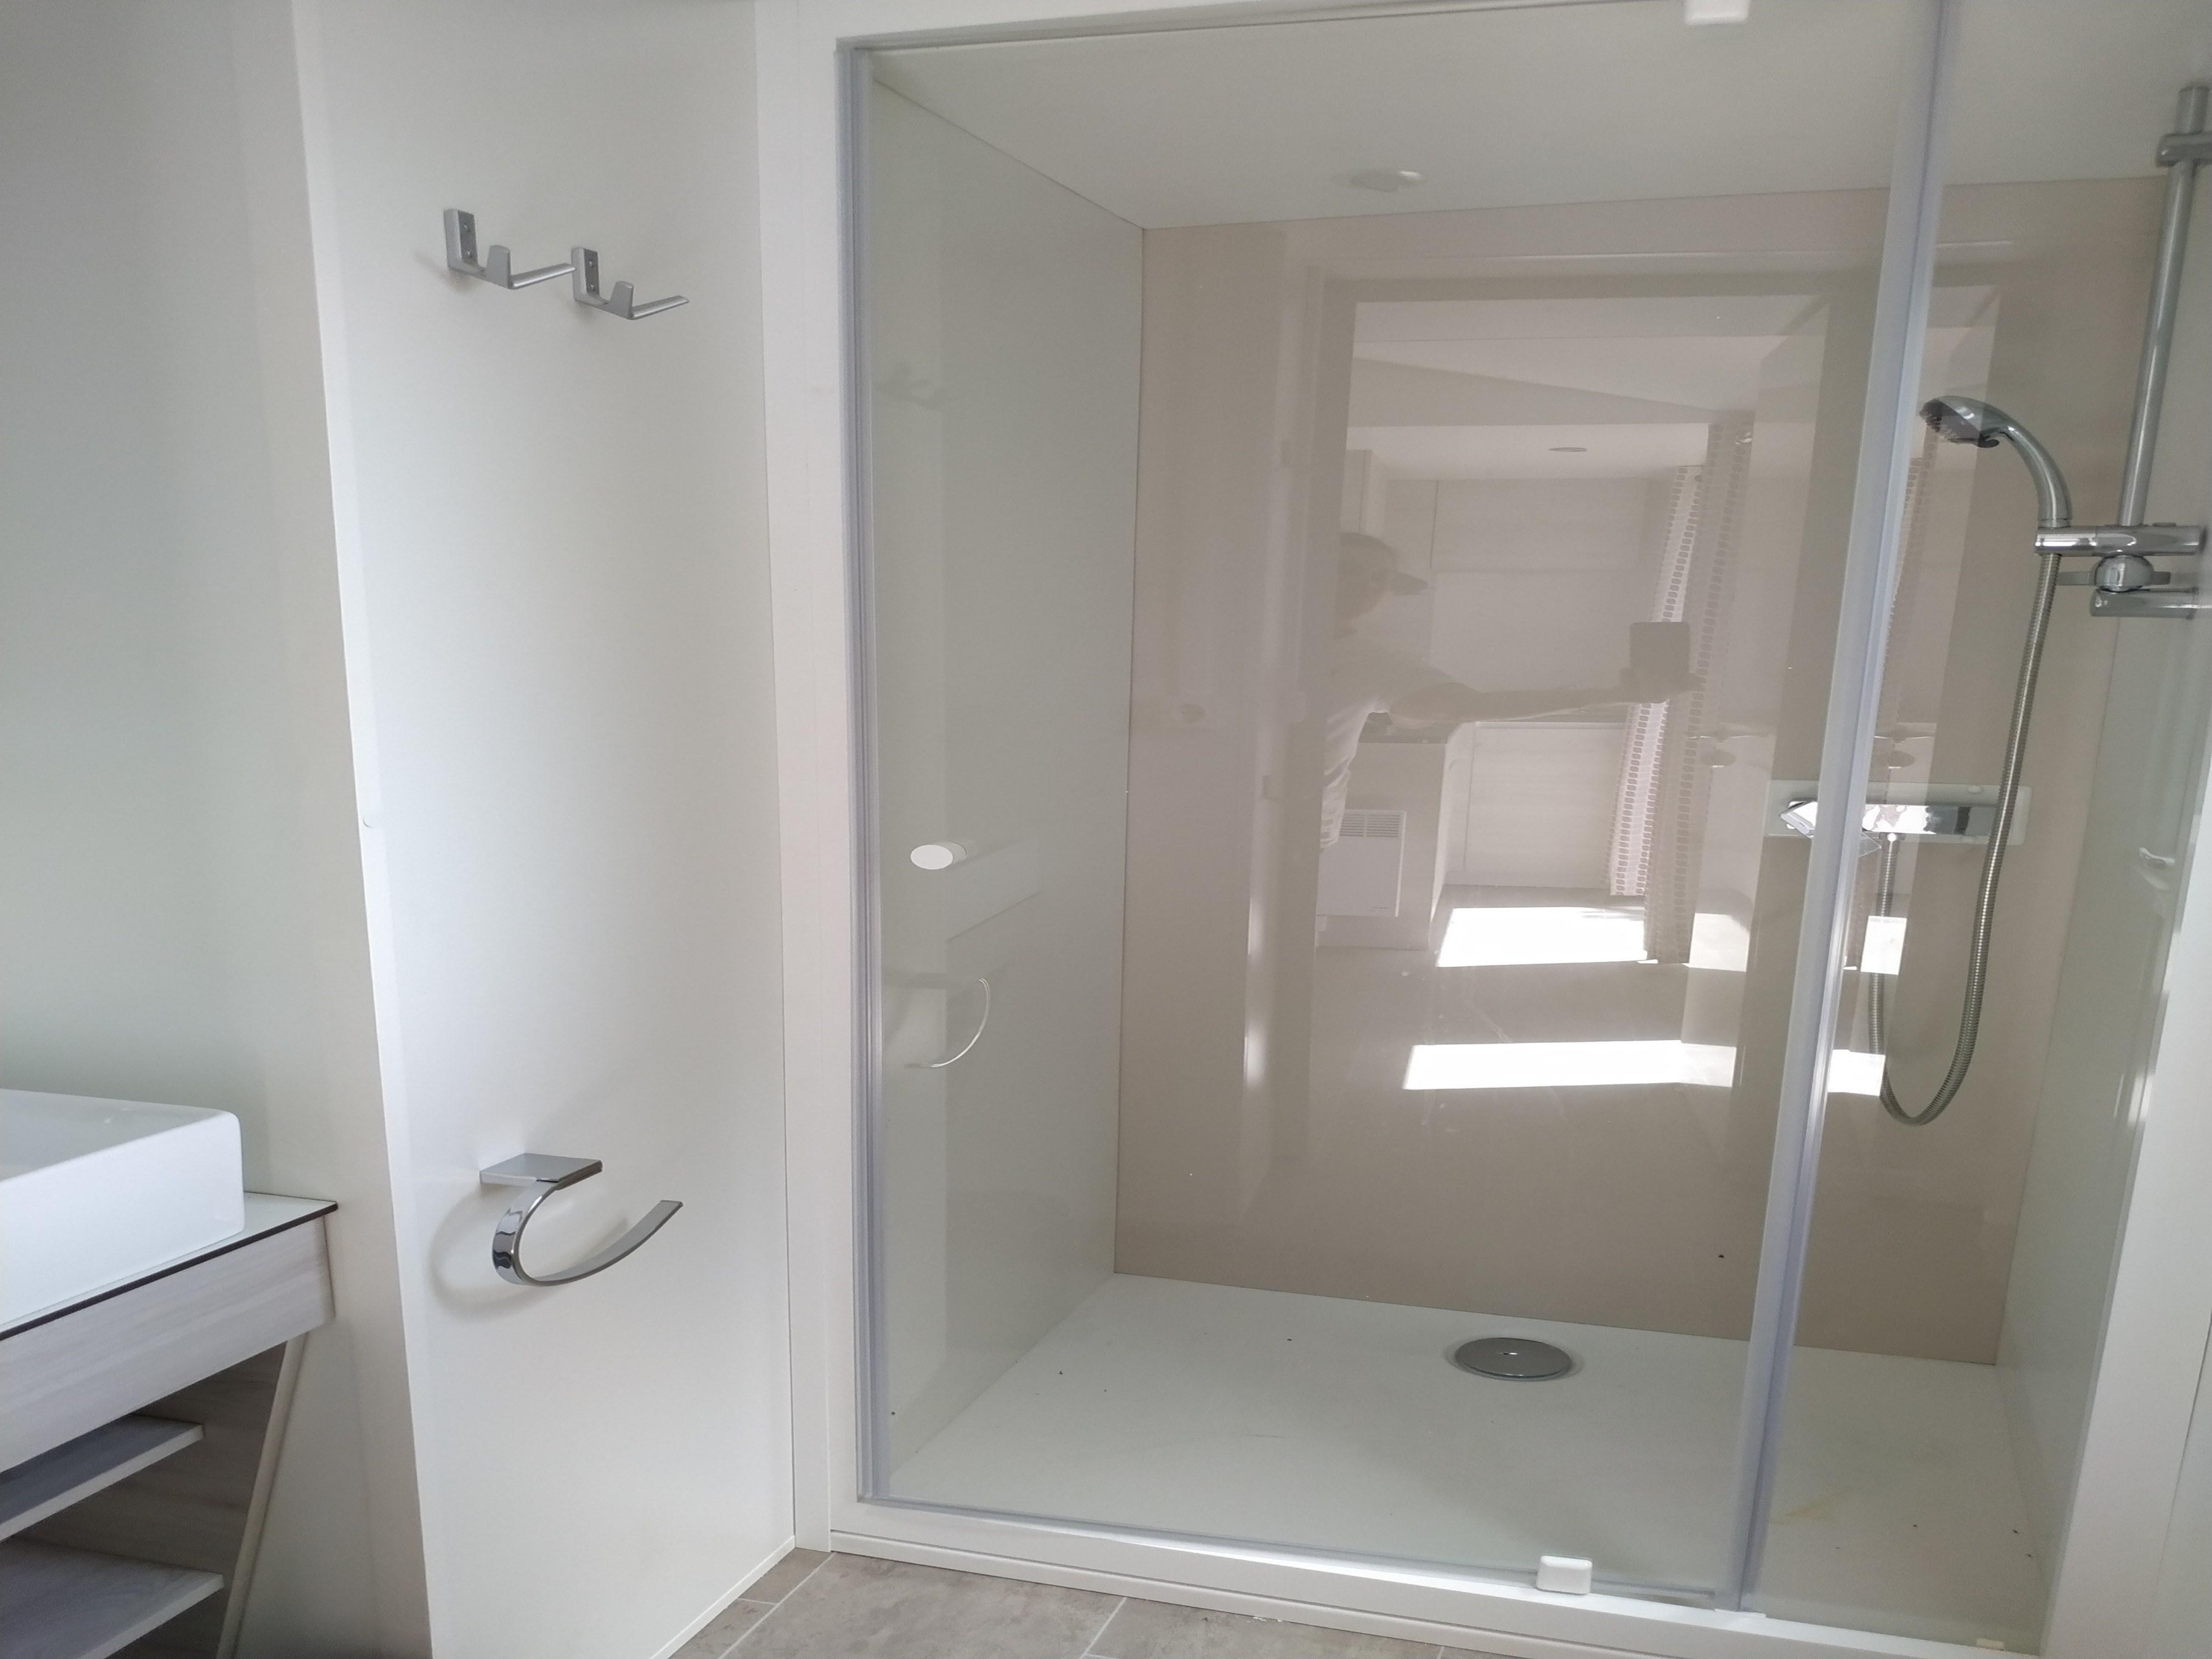 Salle d'eau Mobil home climatisation